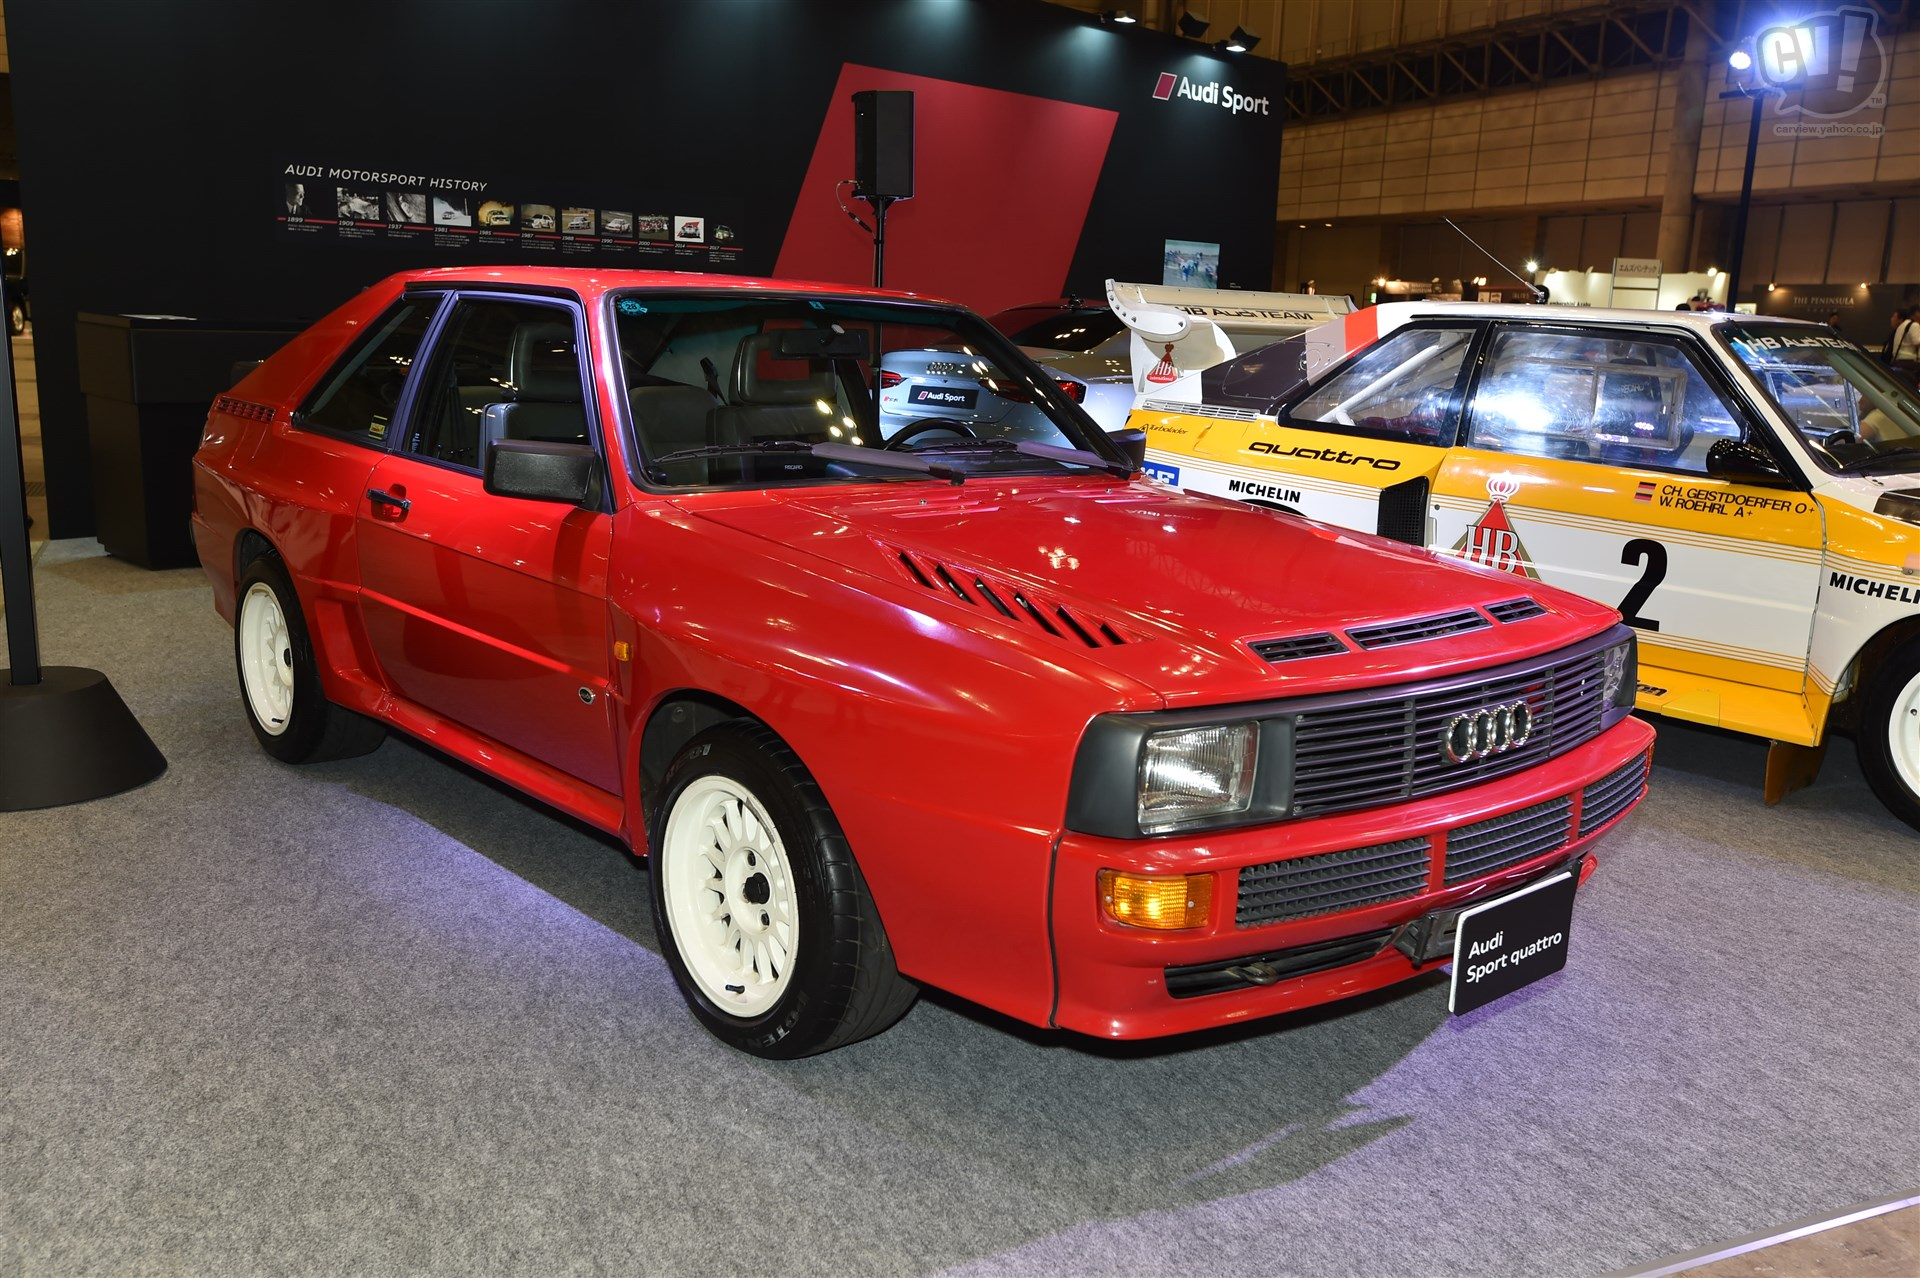 アウディ Audi スポーツ クワトロ